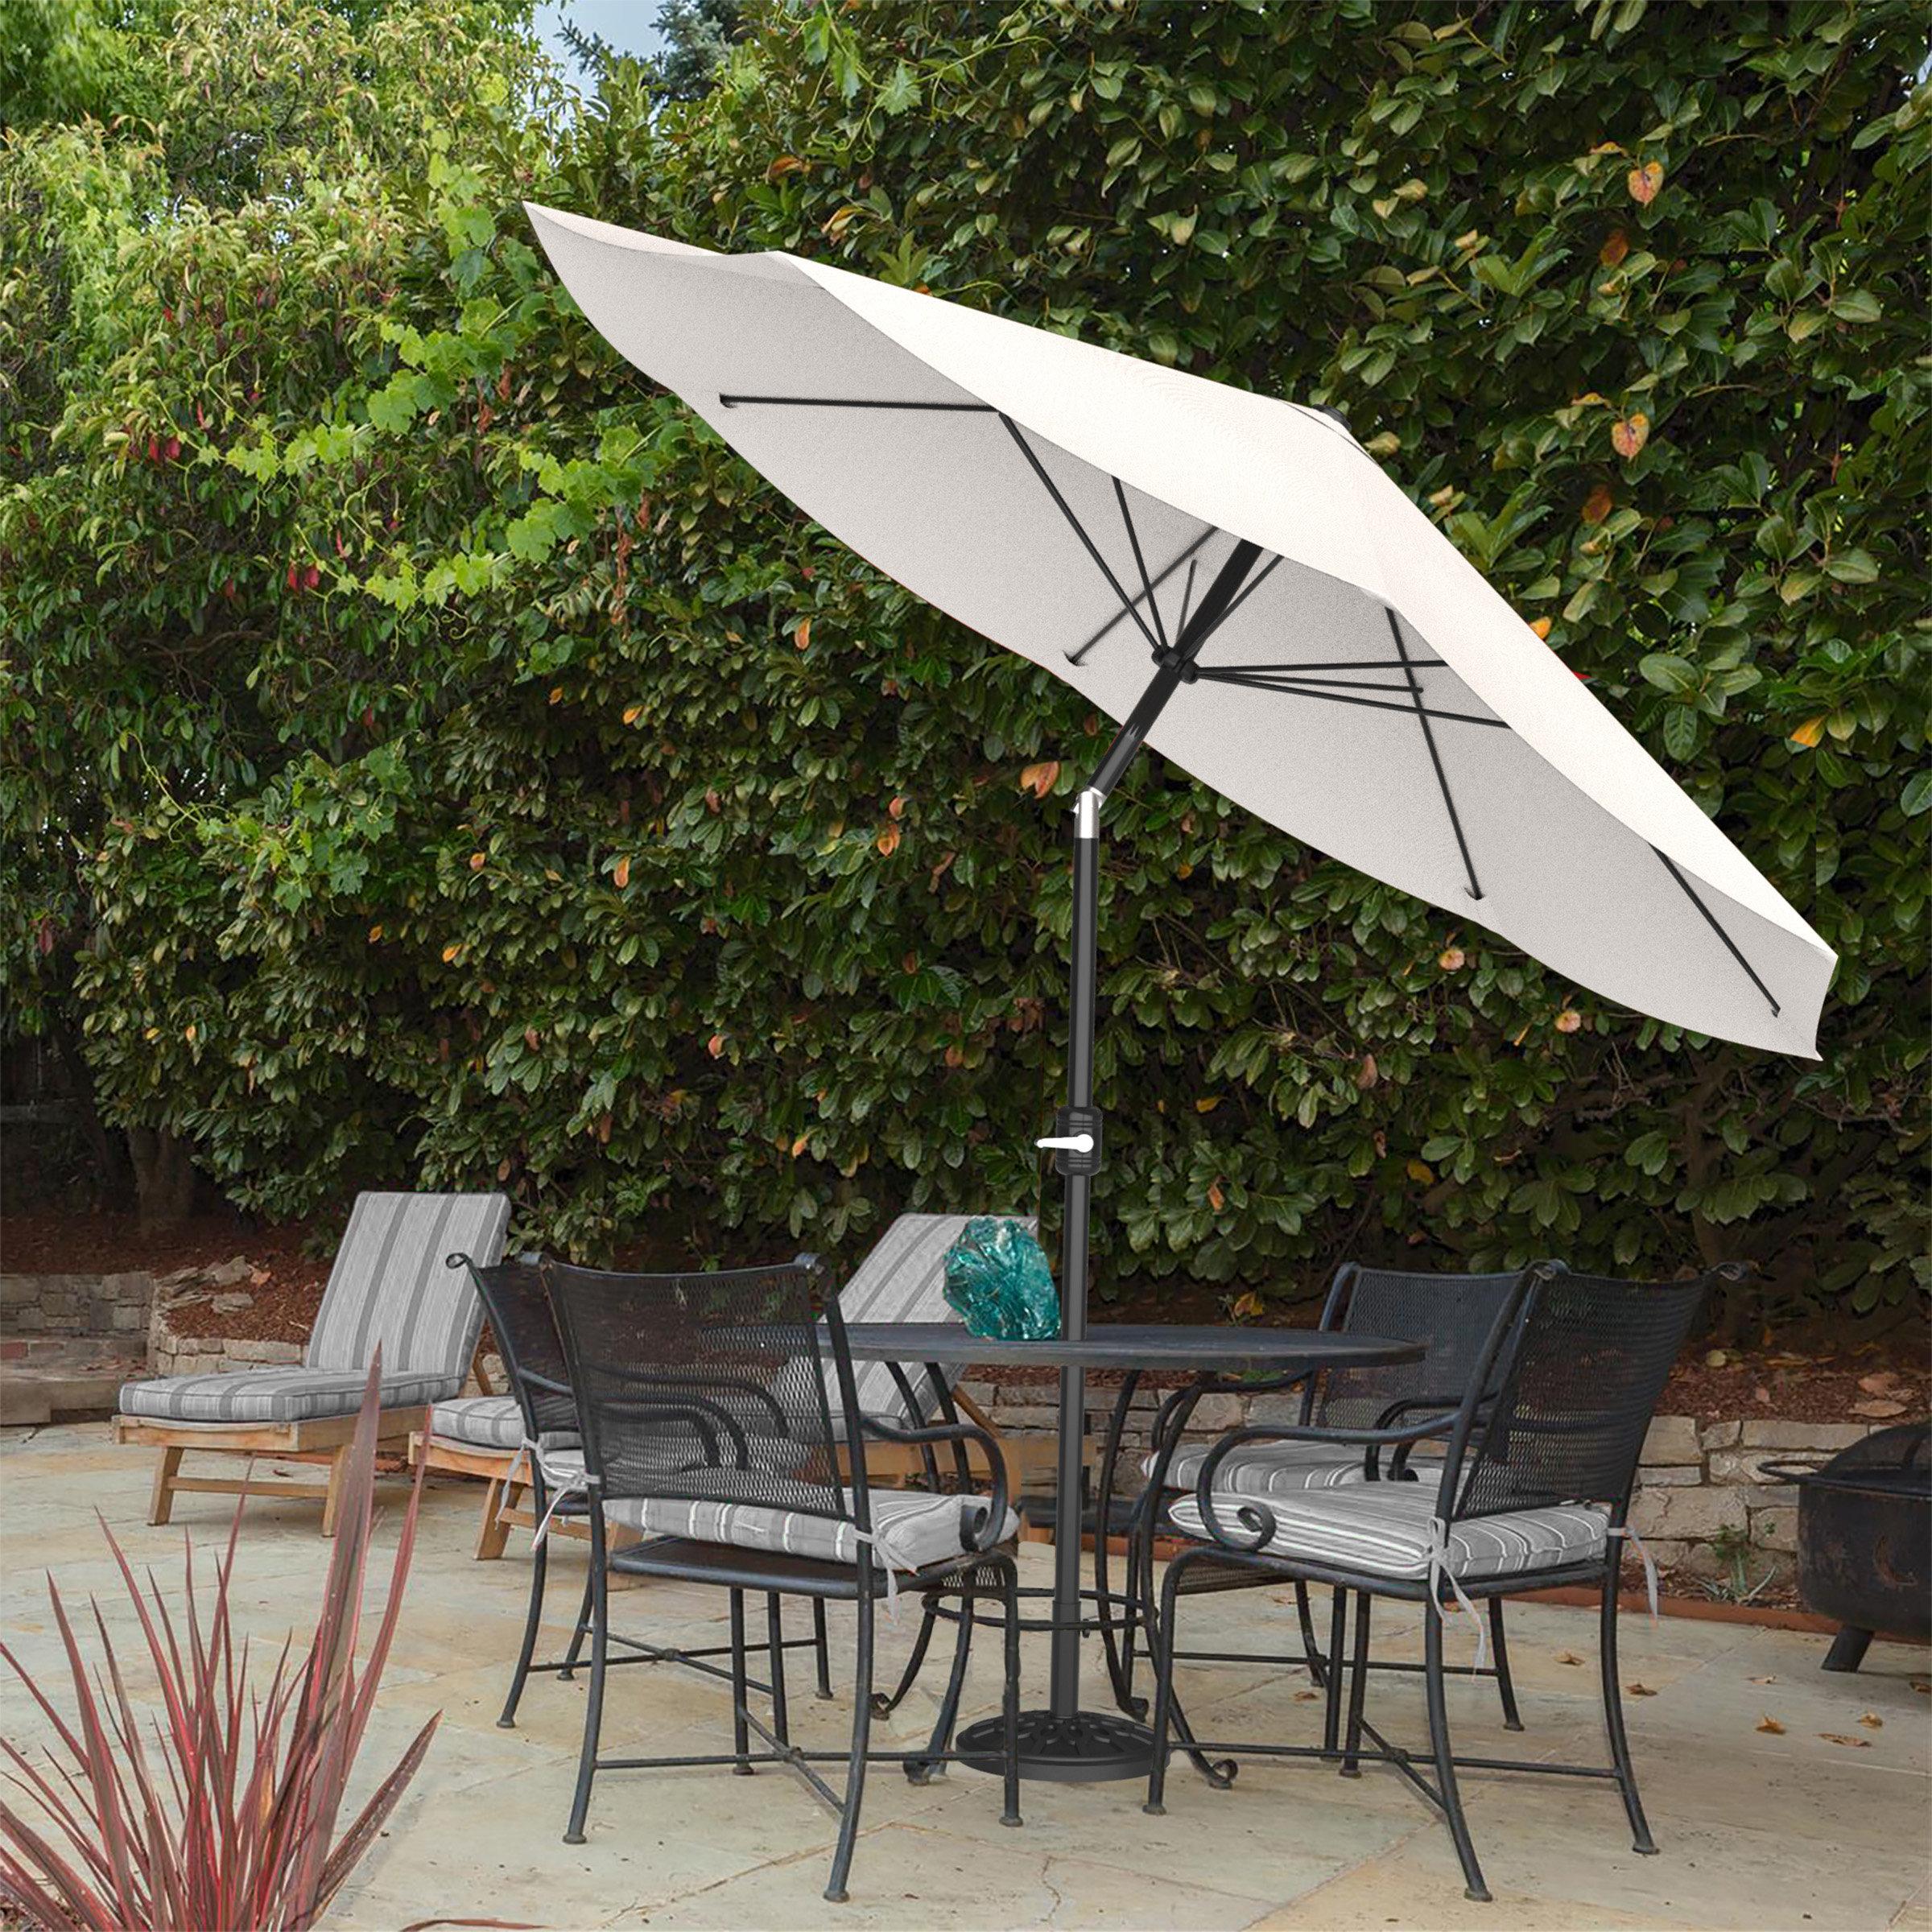 Mucci Madilyn Market Sunbrella Umbrellas Intended For Newest Kelton 10' Market Umbrella (Gallery 14 of 20)